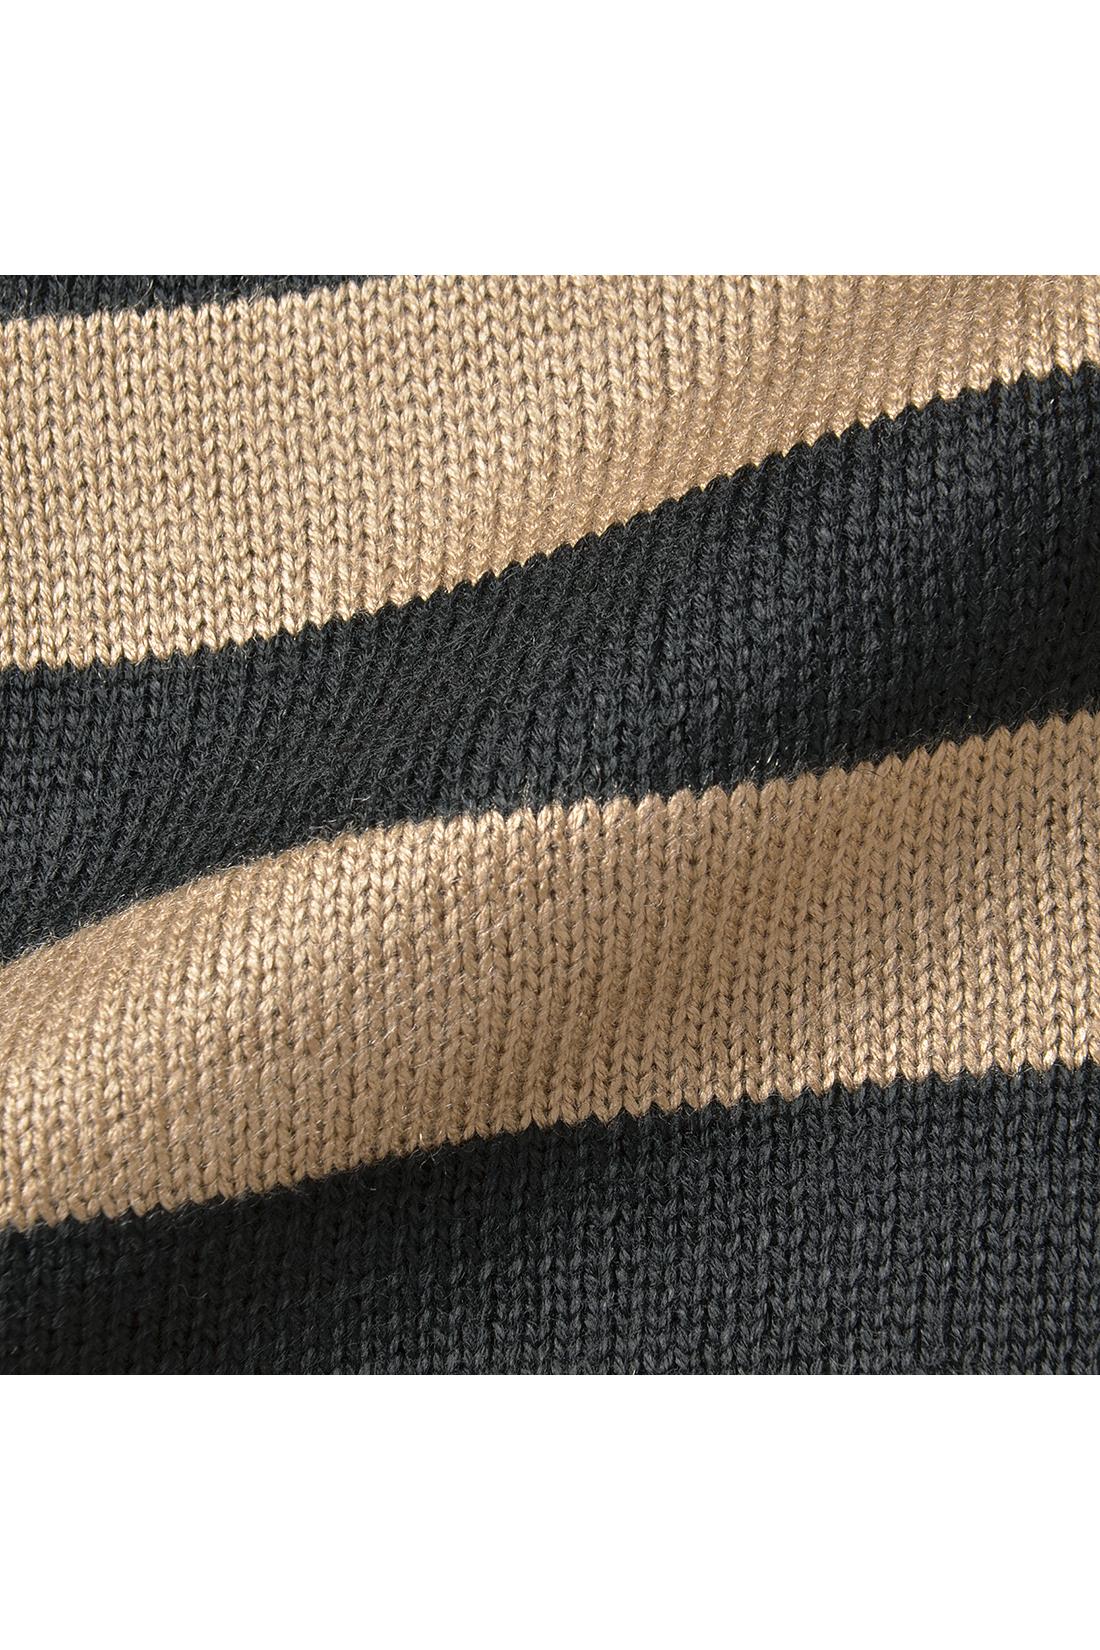 スカート部分は落ち感のいいハイゲージ。